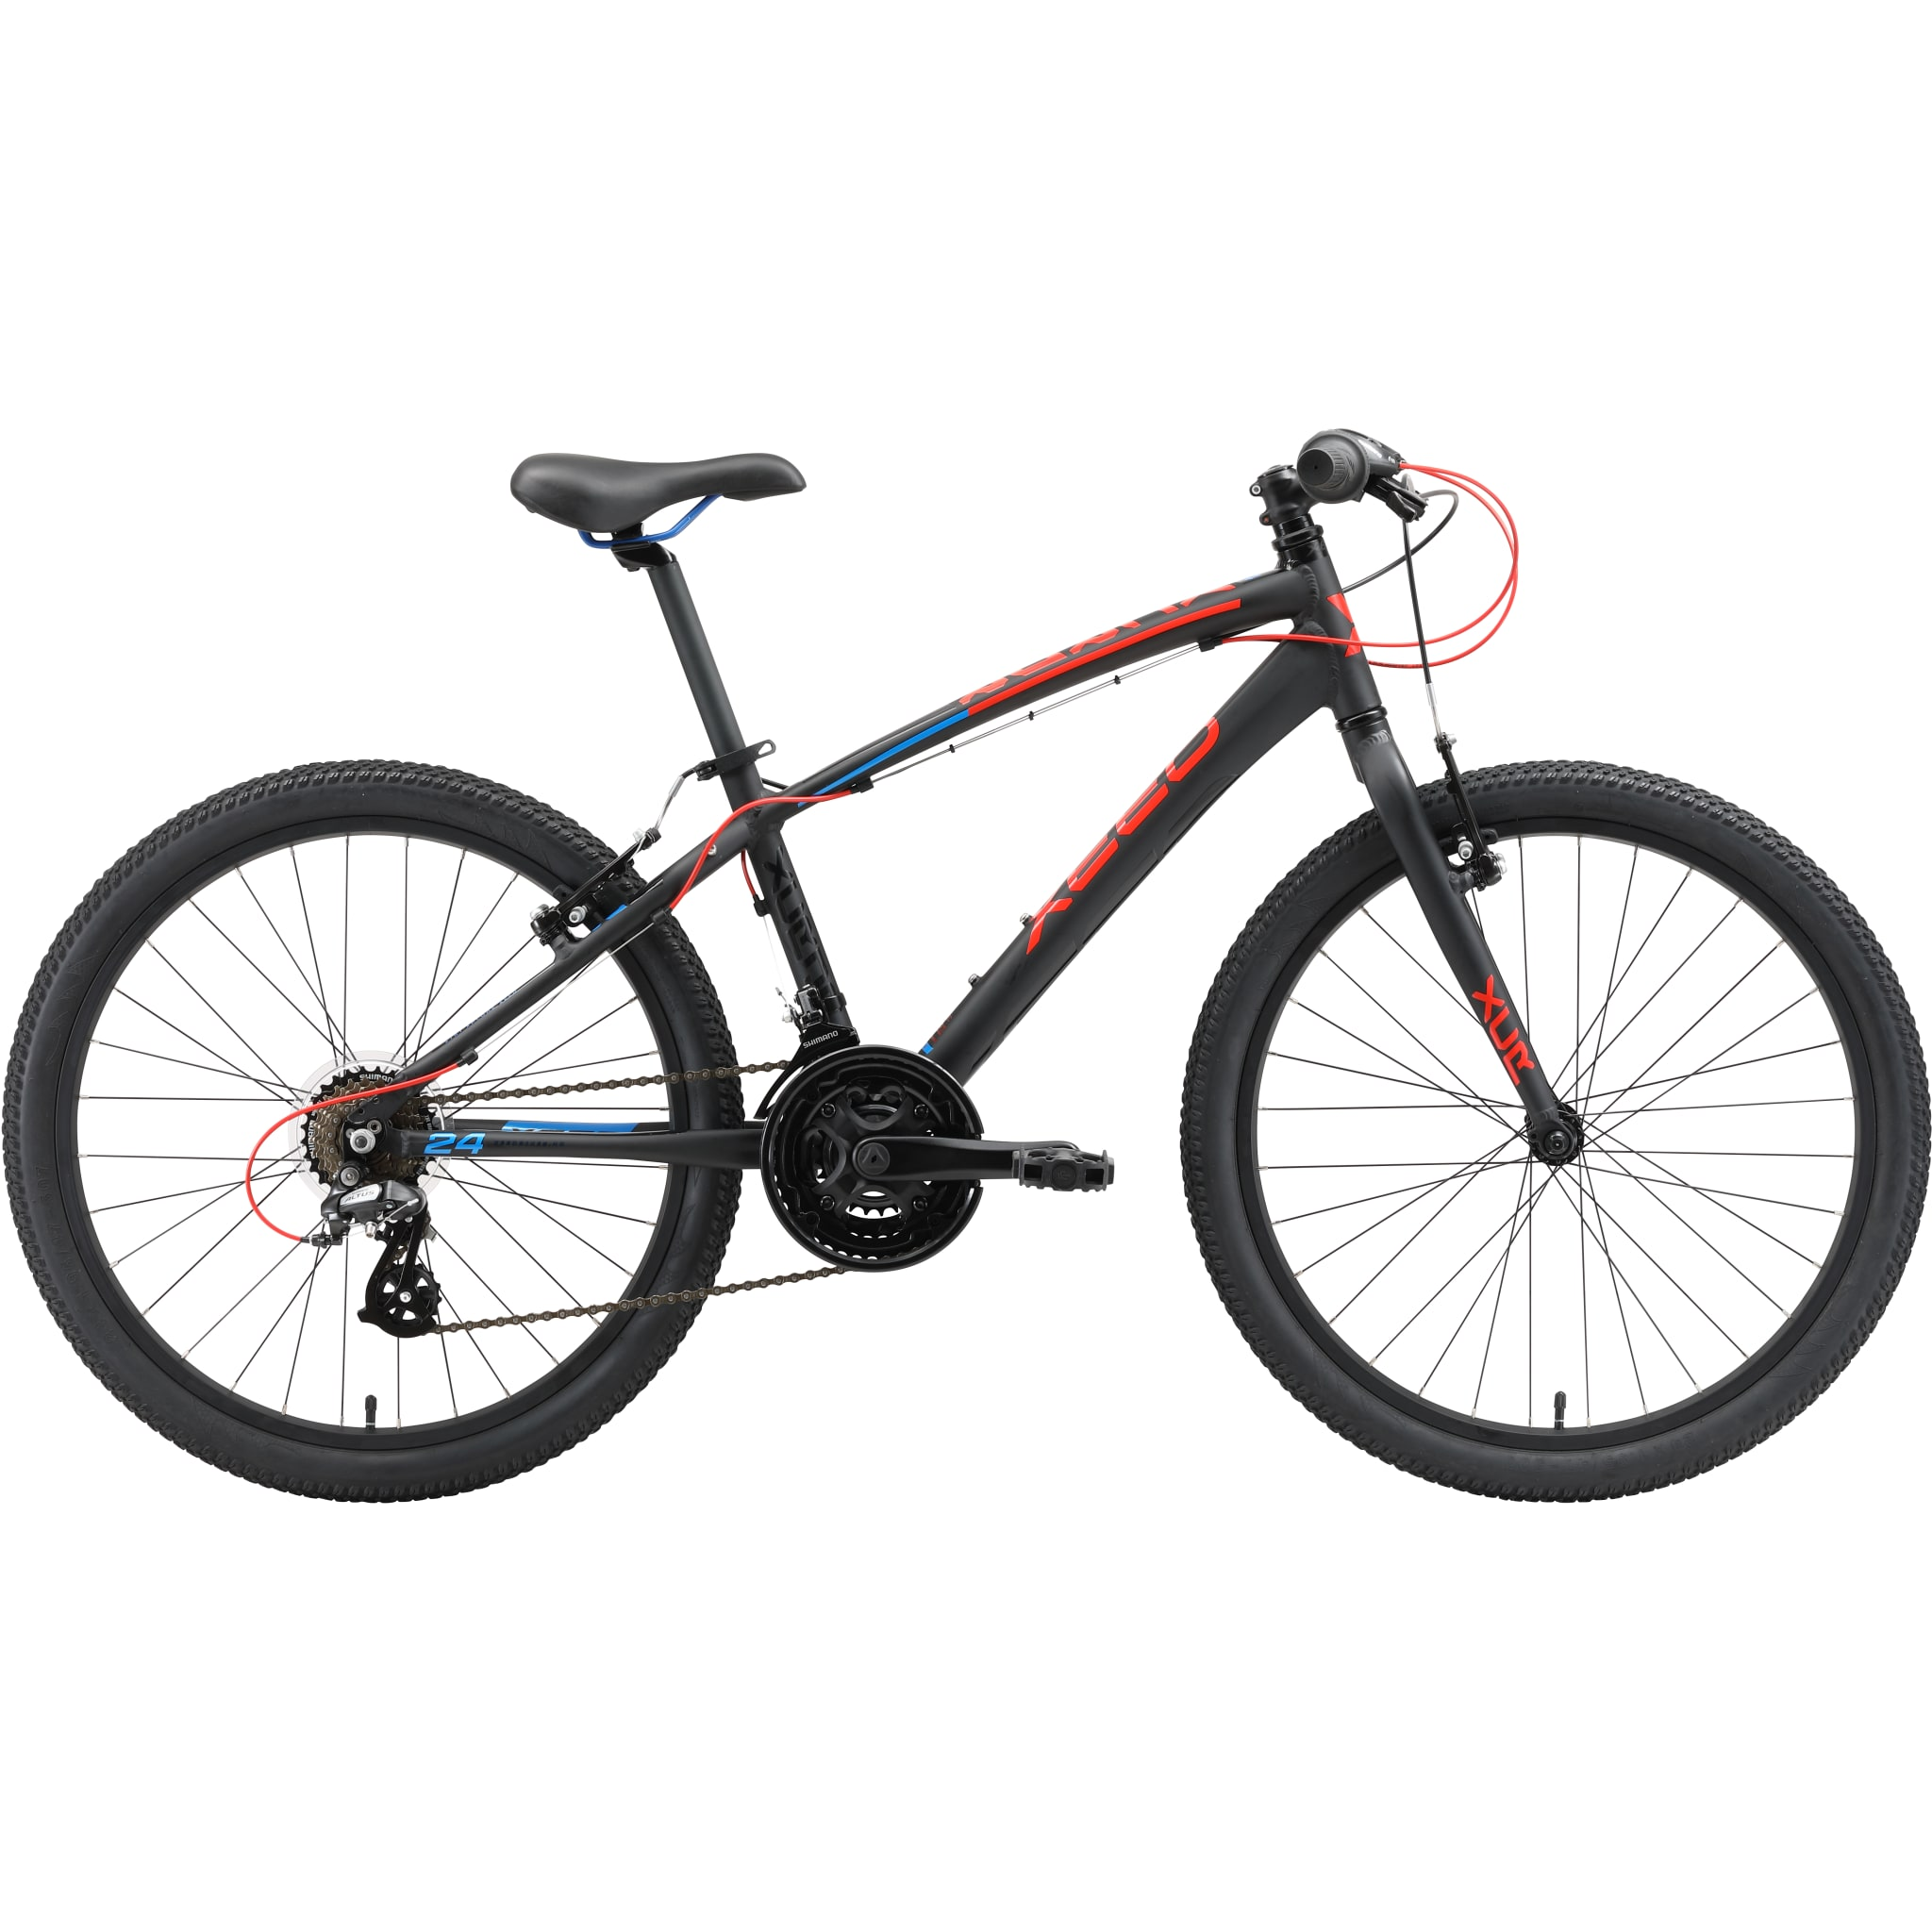 Lettvekts sykkel for barn på 8-12 år